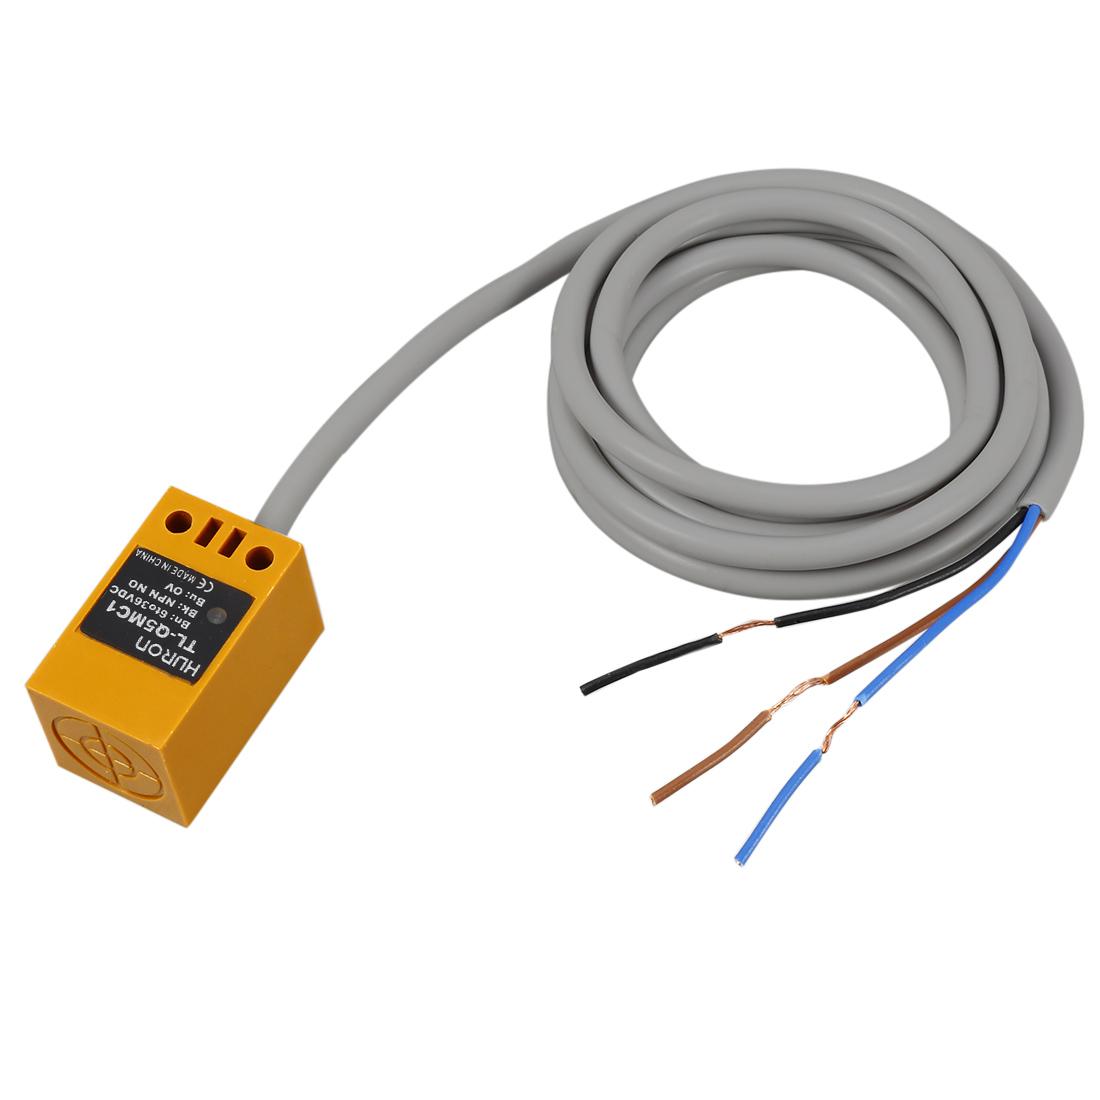 TL-Q5MC1 NPN NO 5mm Inductive Proximity Sensor Switch 3 Wire 6-36VDC